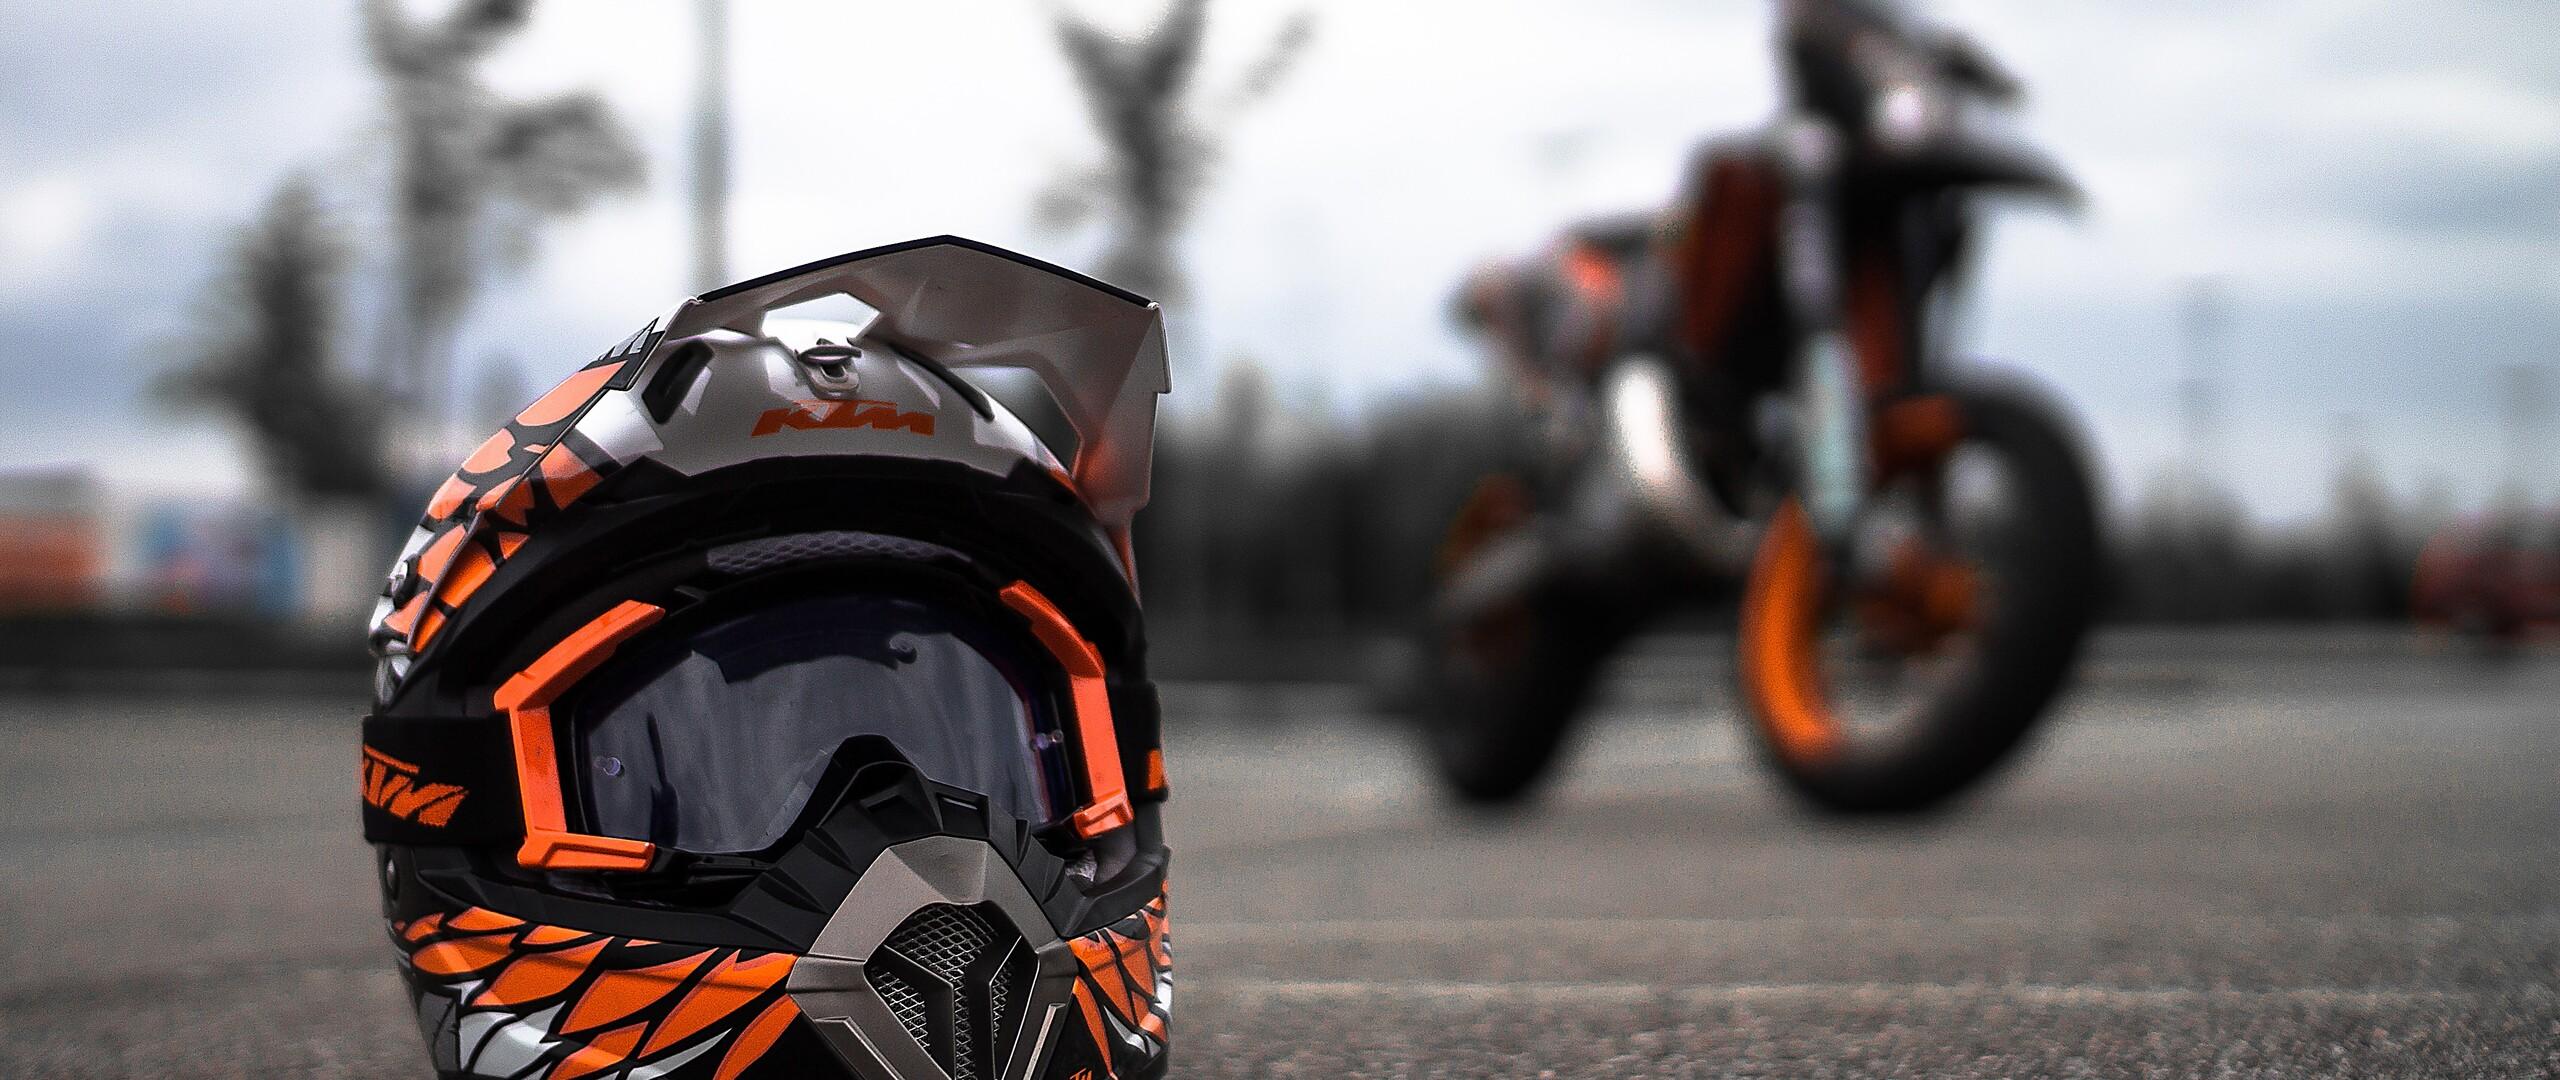 ktm helmet image